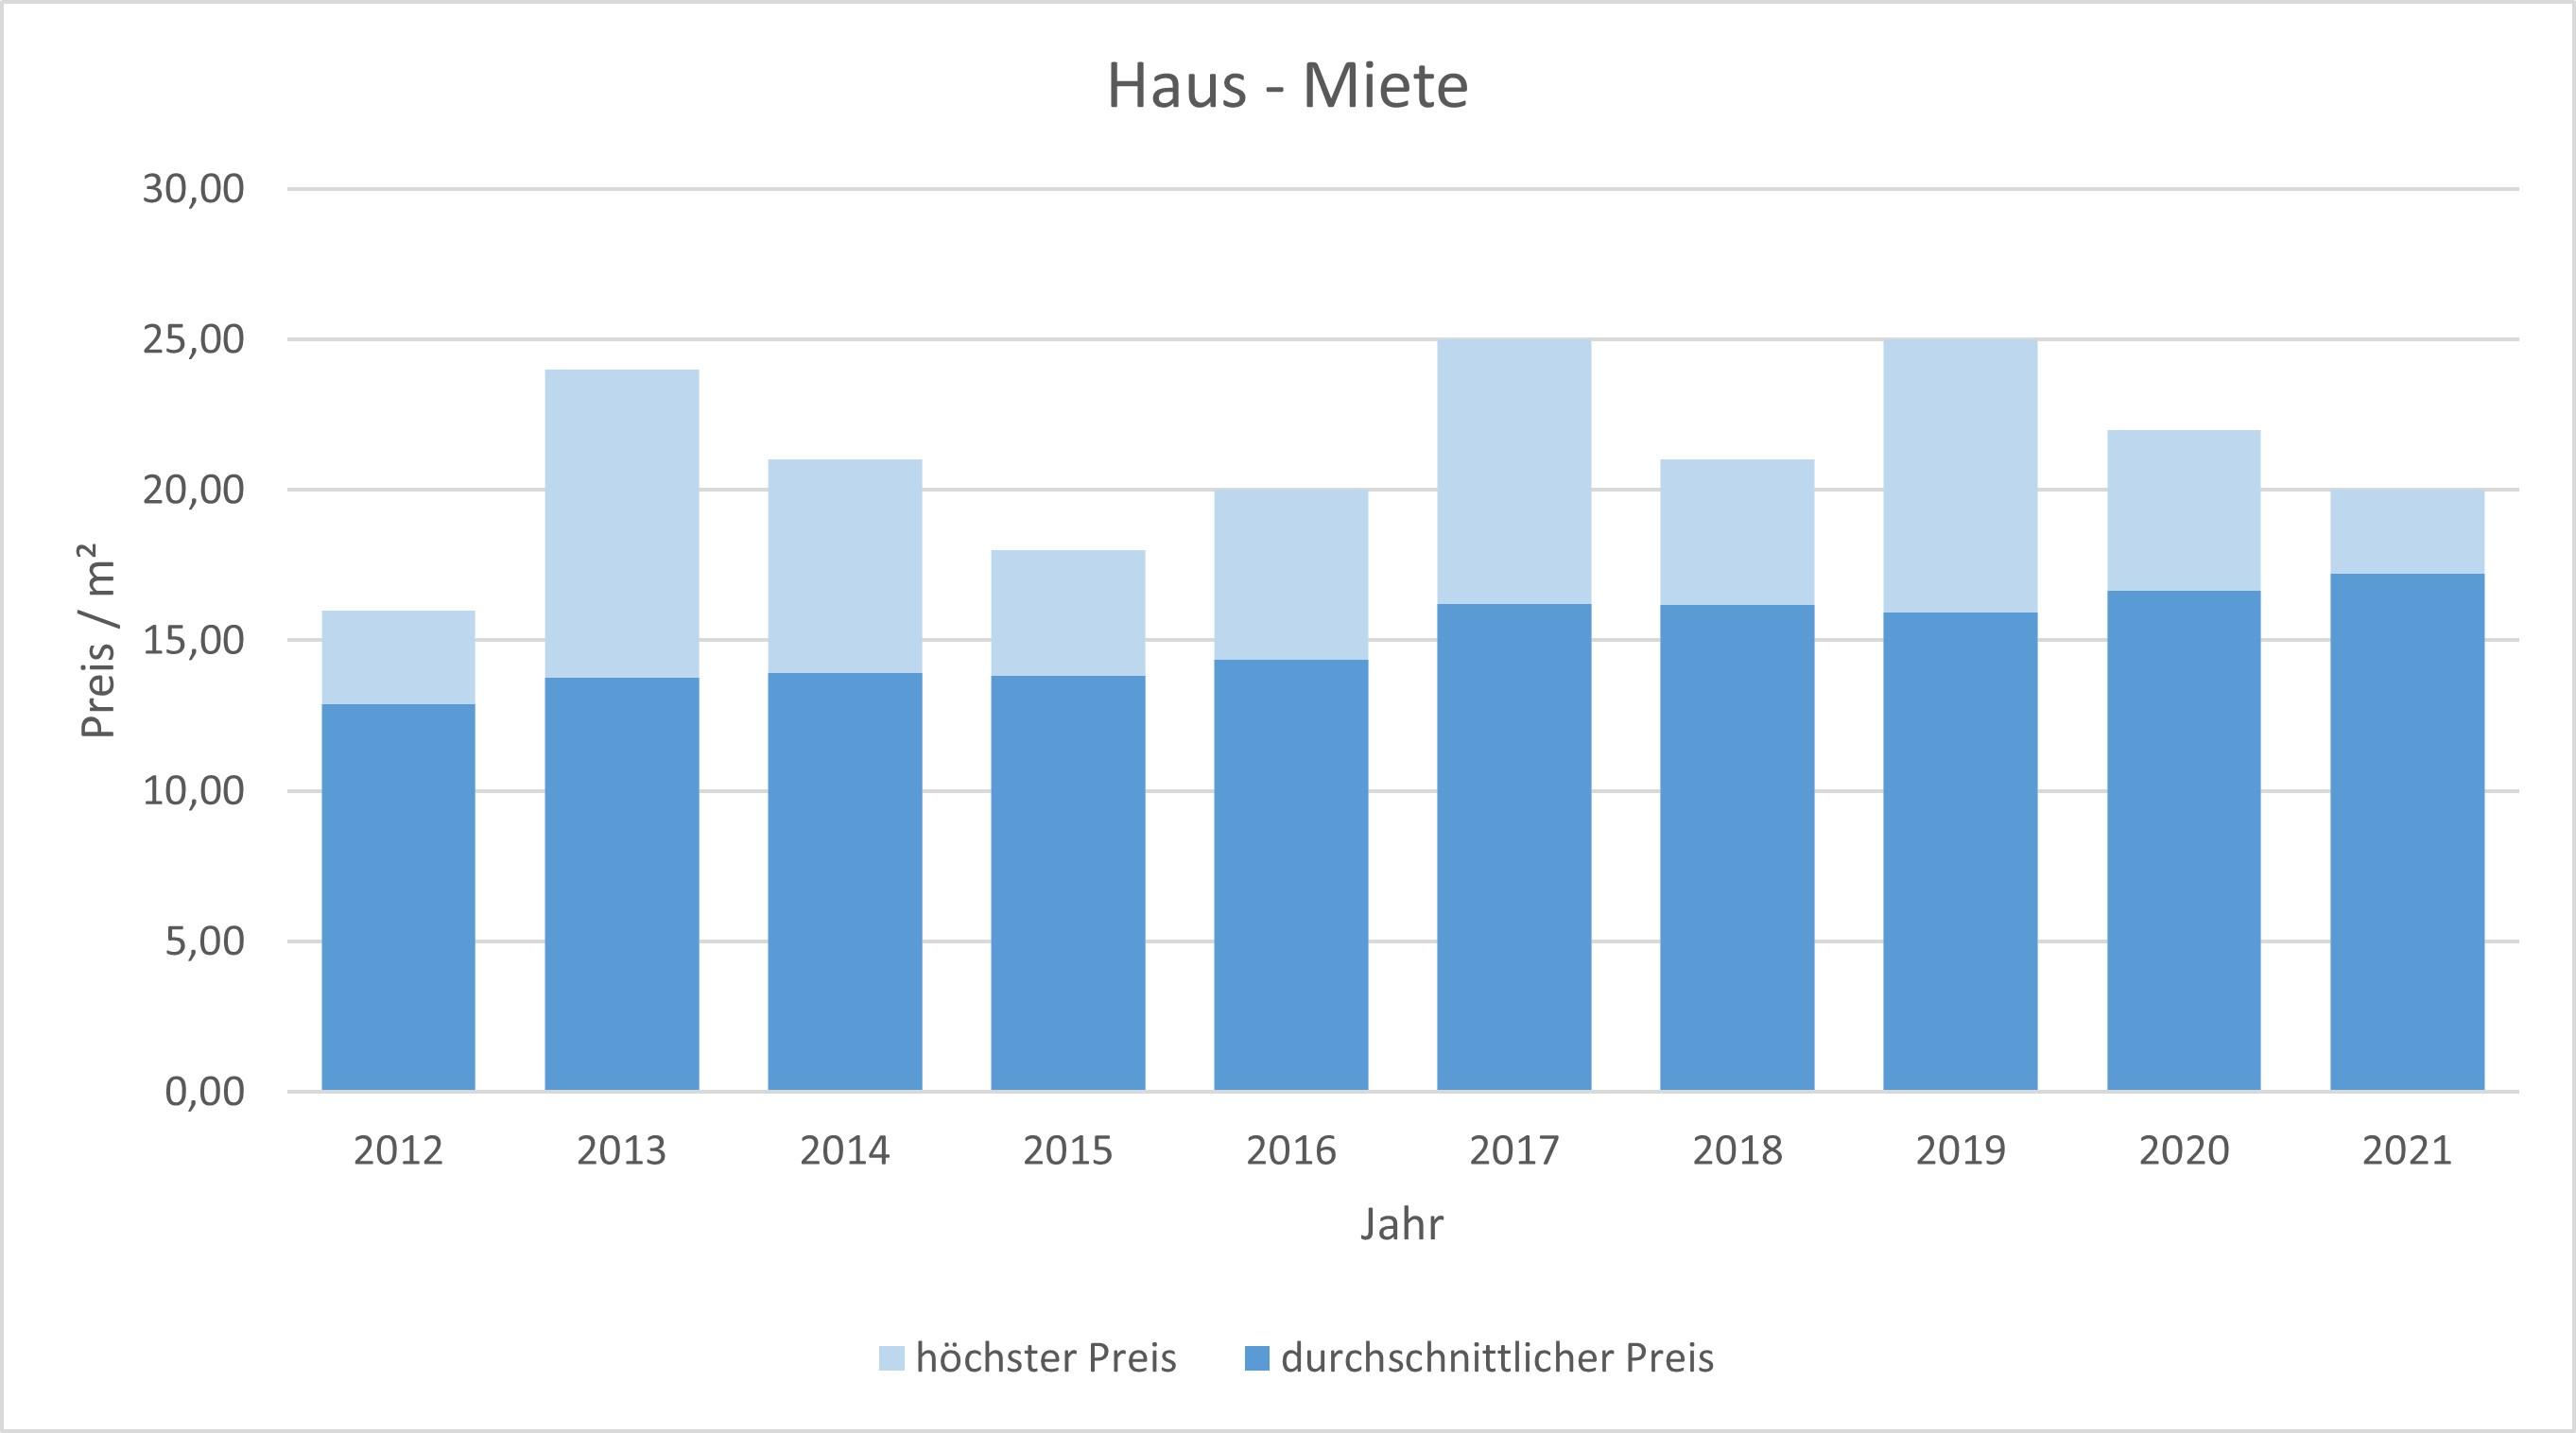 München - Lochhausen Haus mieten vermieten Preis Bewertung Makler 2019 2020 2021 www.happy-immo.de